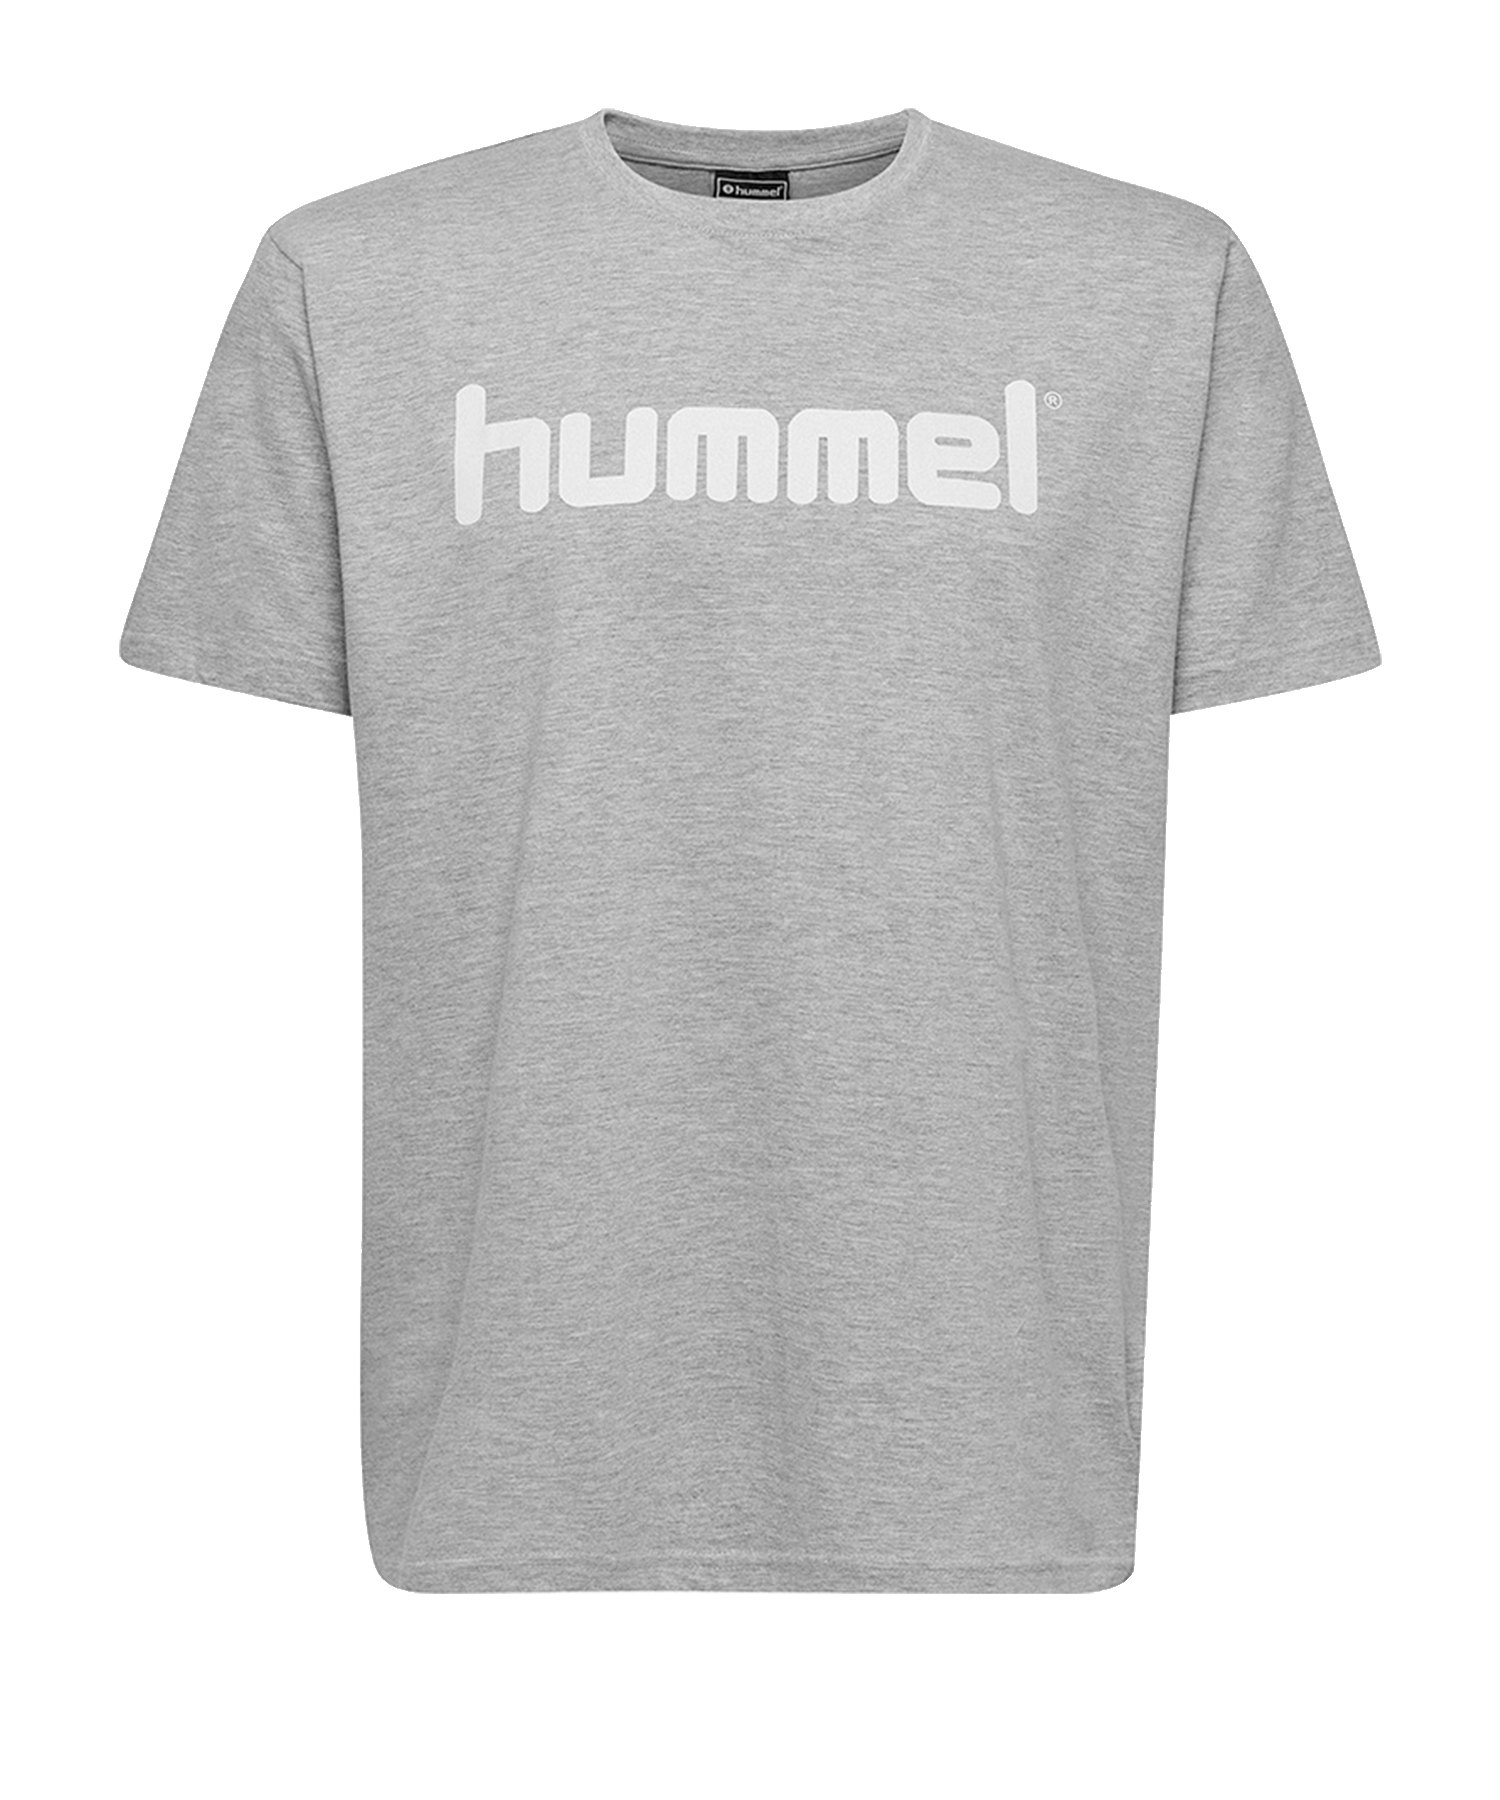 Hummel Cotton T-Shirt Logo Grau F2006 - Grau